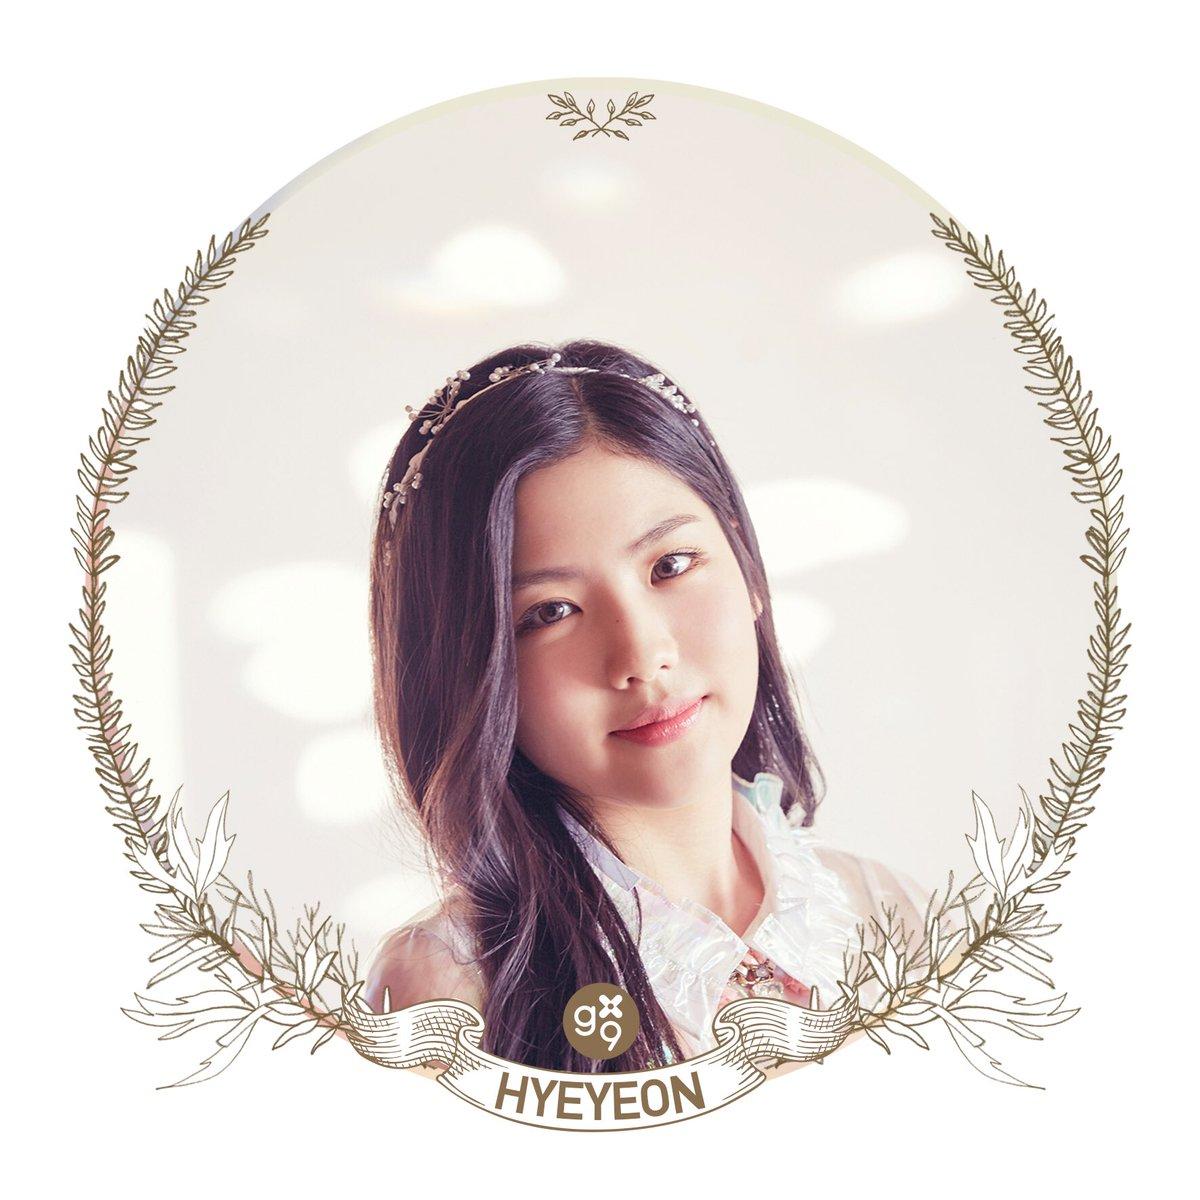 gx9 hyeyeon